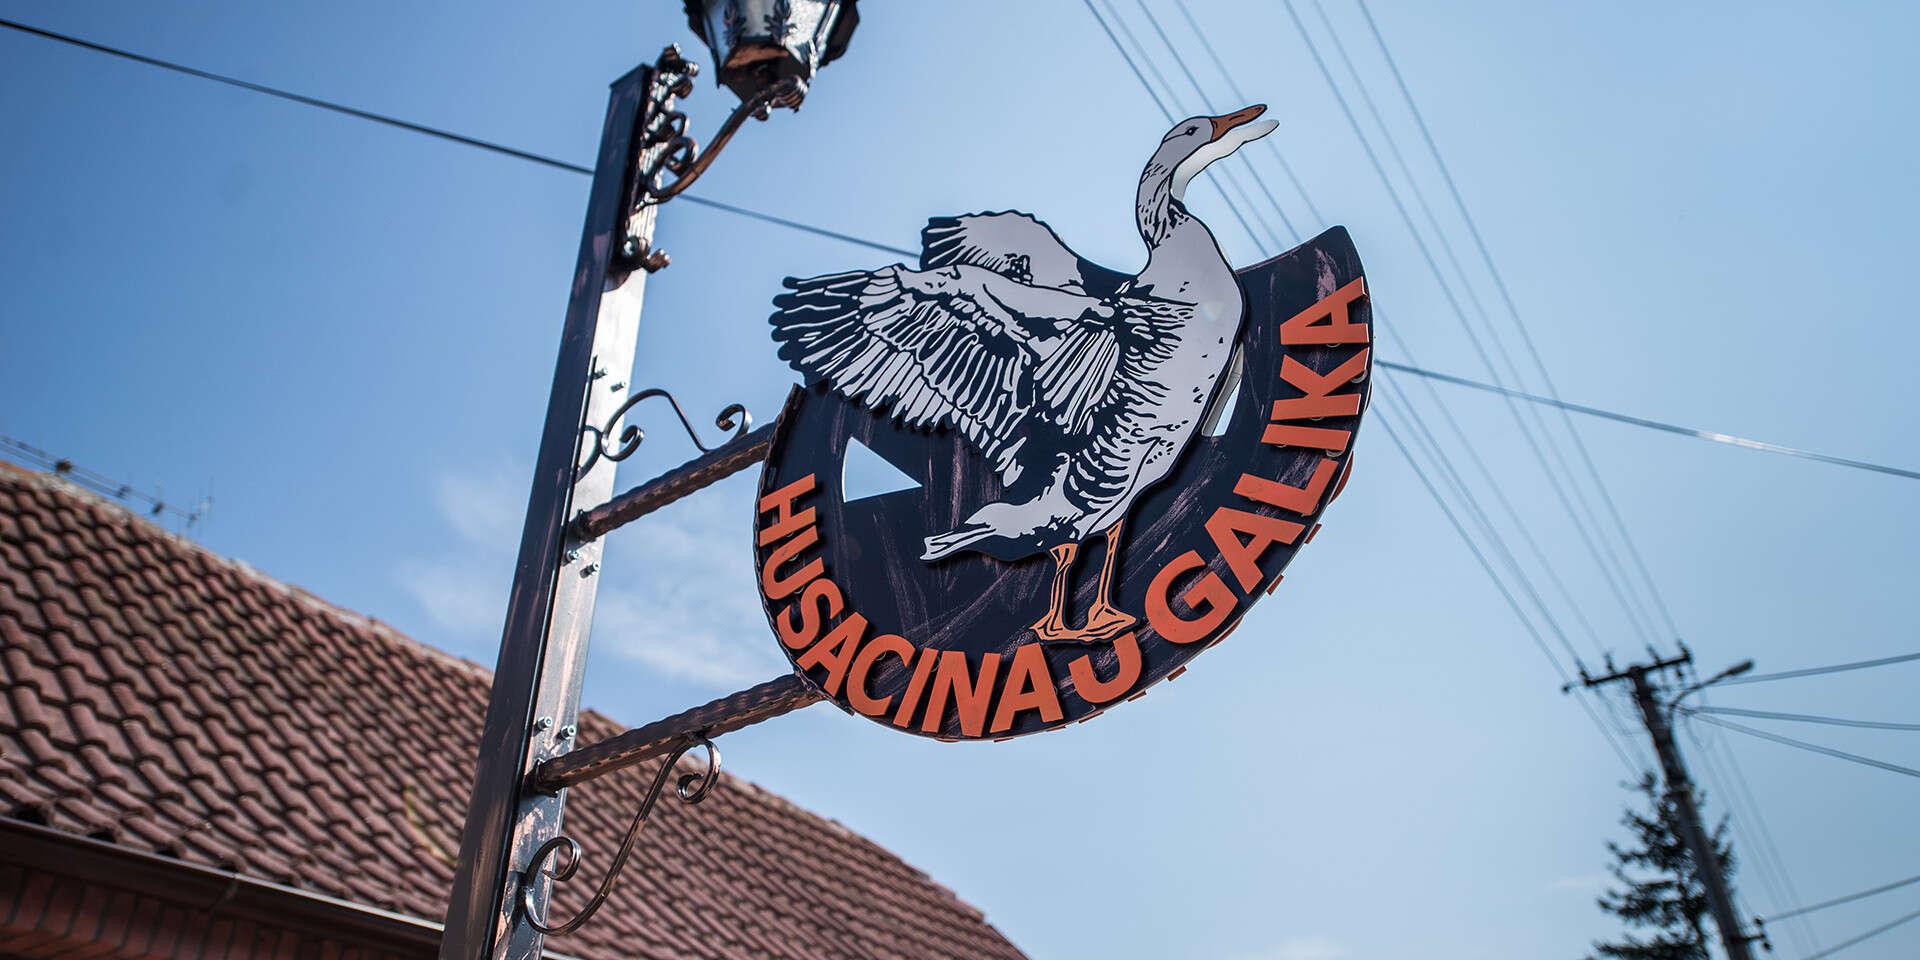 Husacie alebo kačacie hody z reštaurácie Husacina u Galika - aj k ...